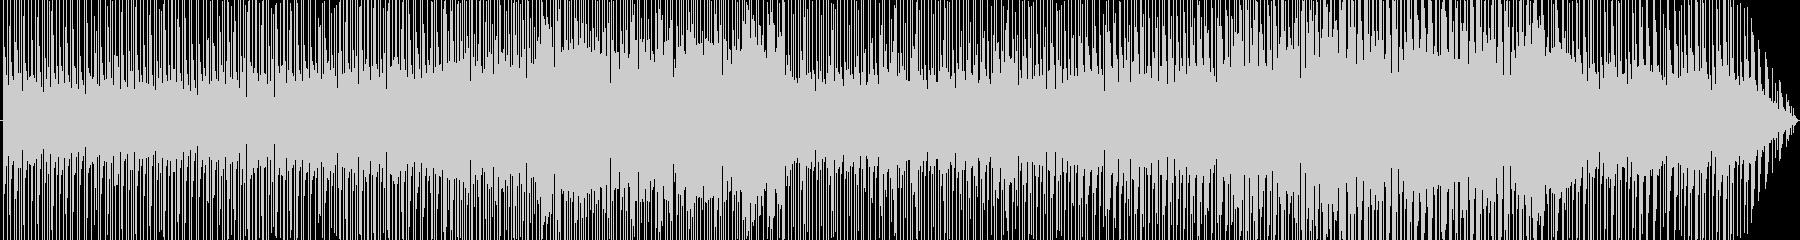 CMやBGM等様々な用途に使えるポップスの未再生の波形